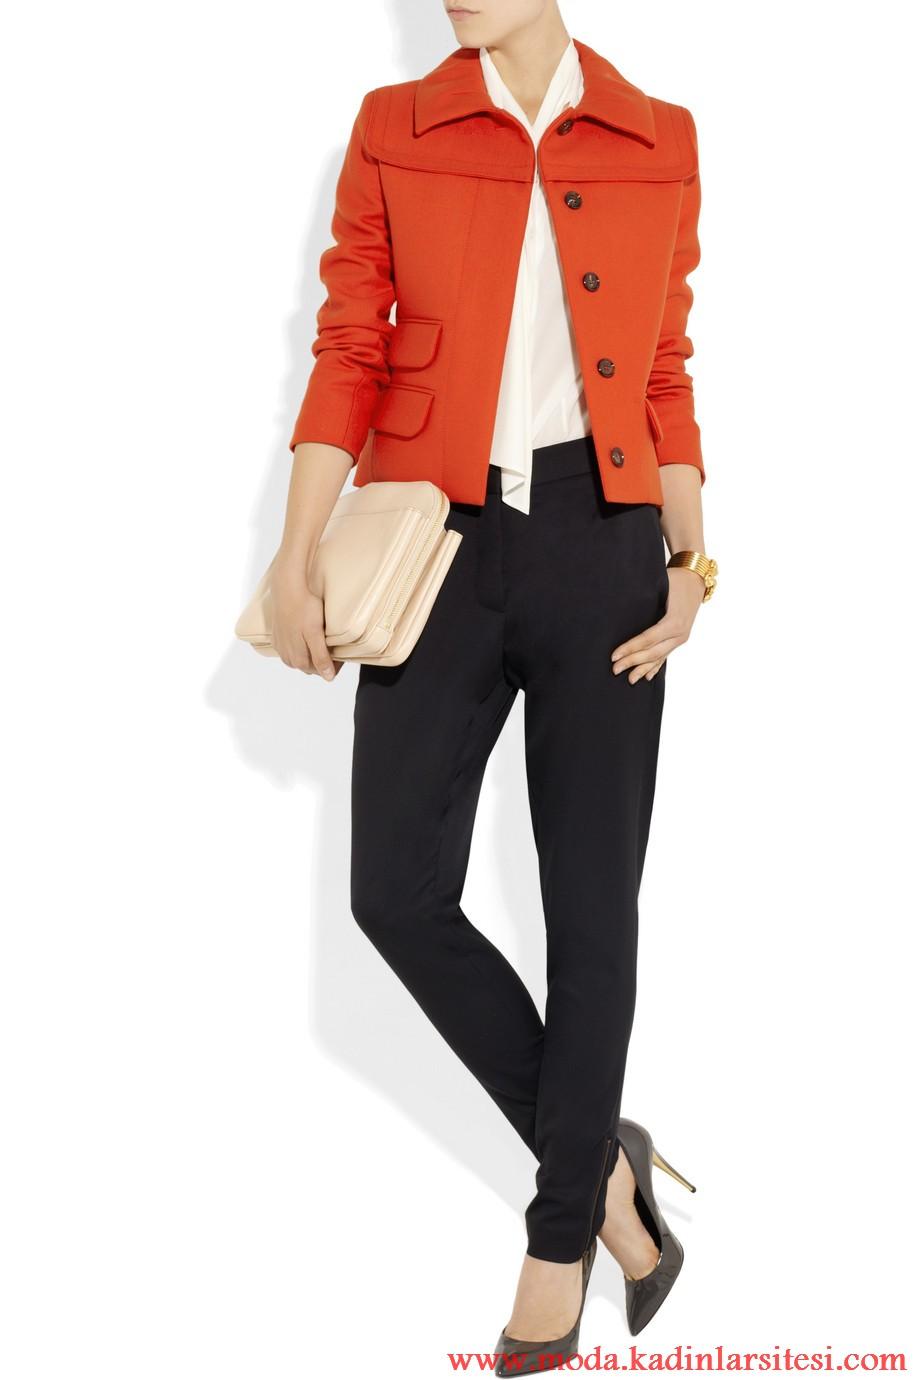 chloe turuncu ceket ve pntolon modeli